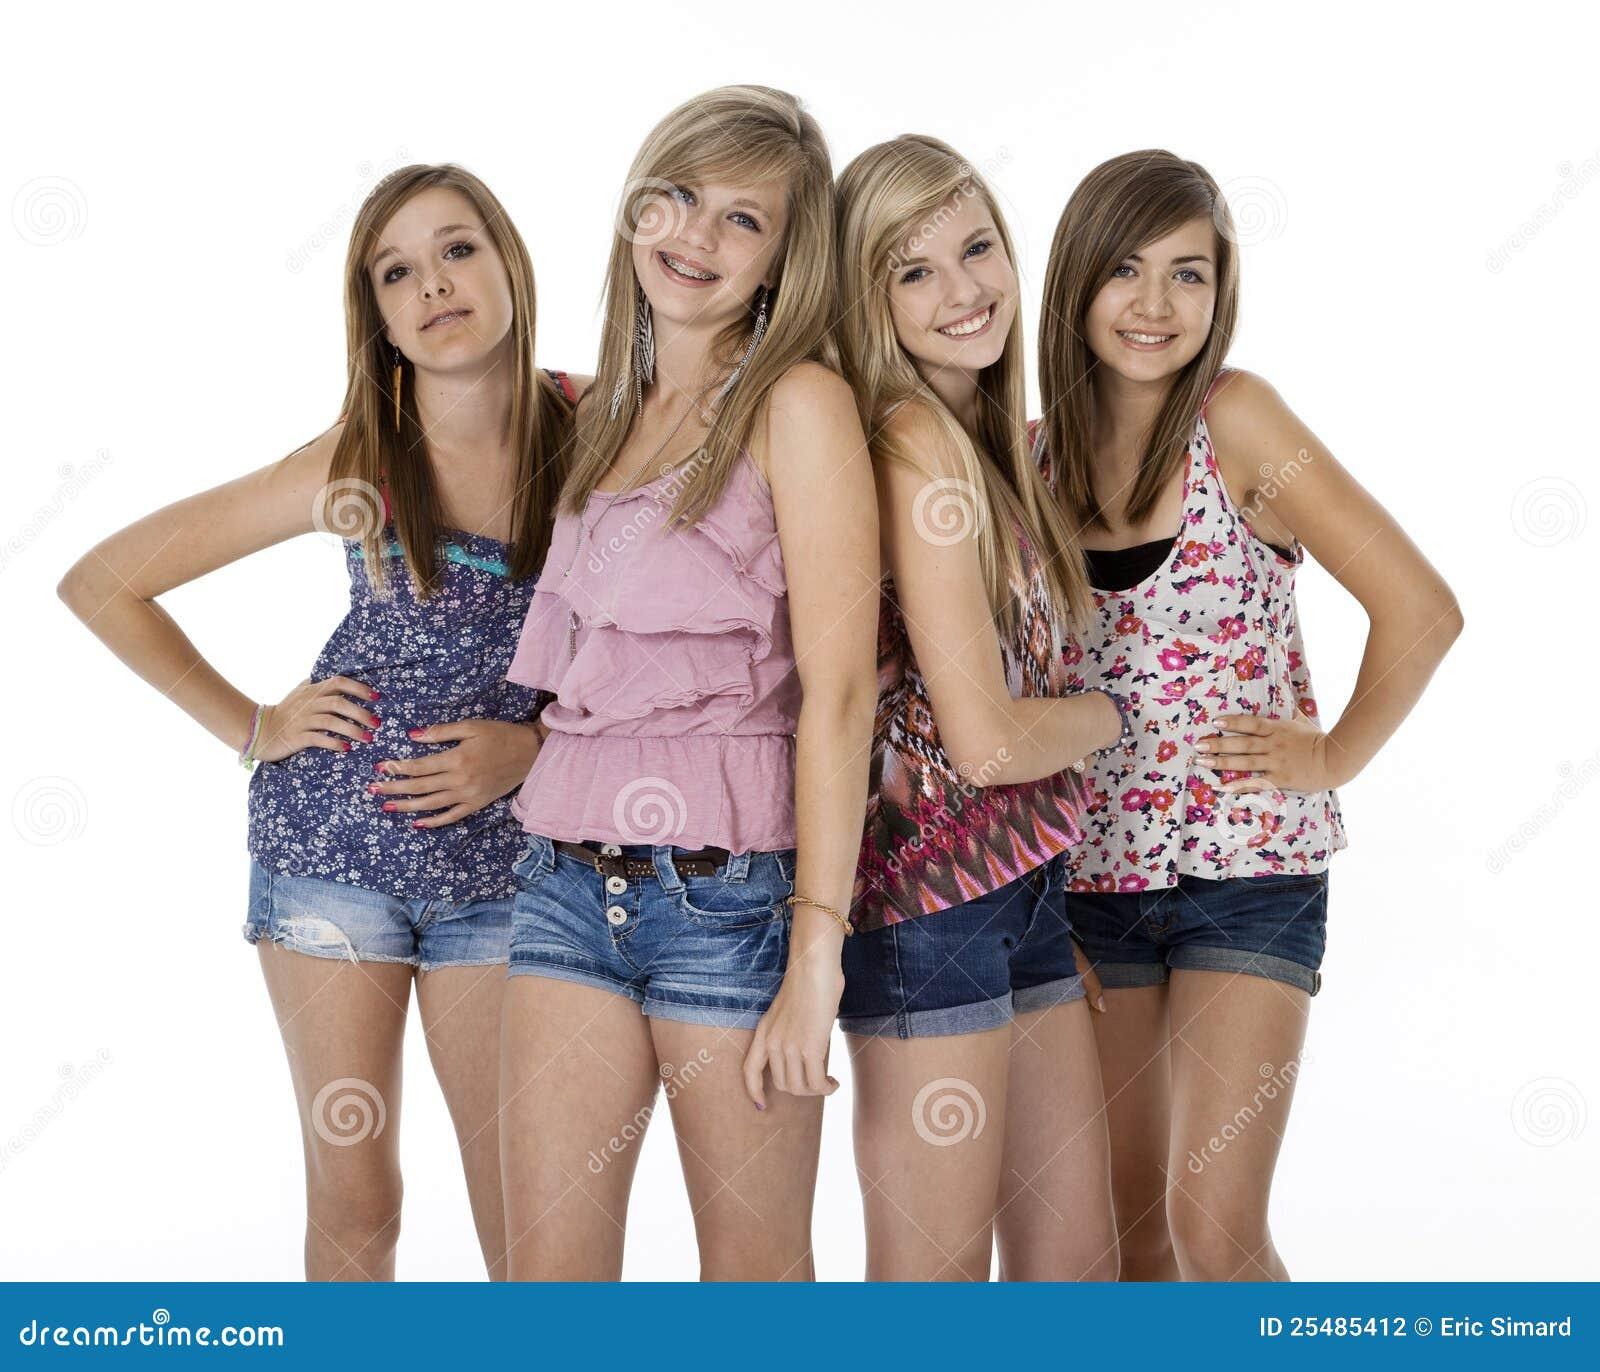 Hot shemale futanari girls